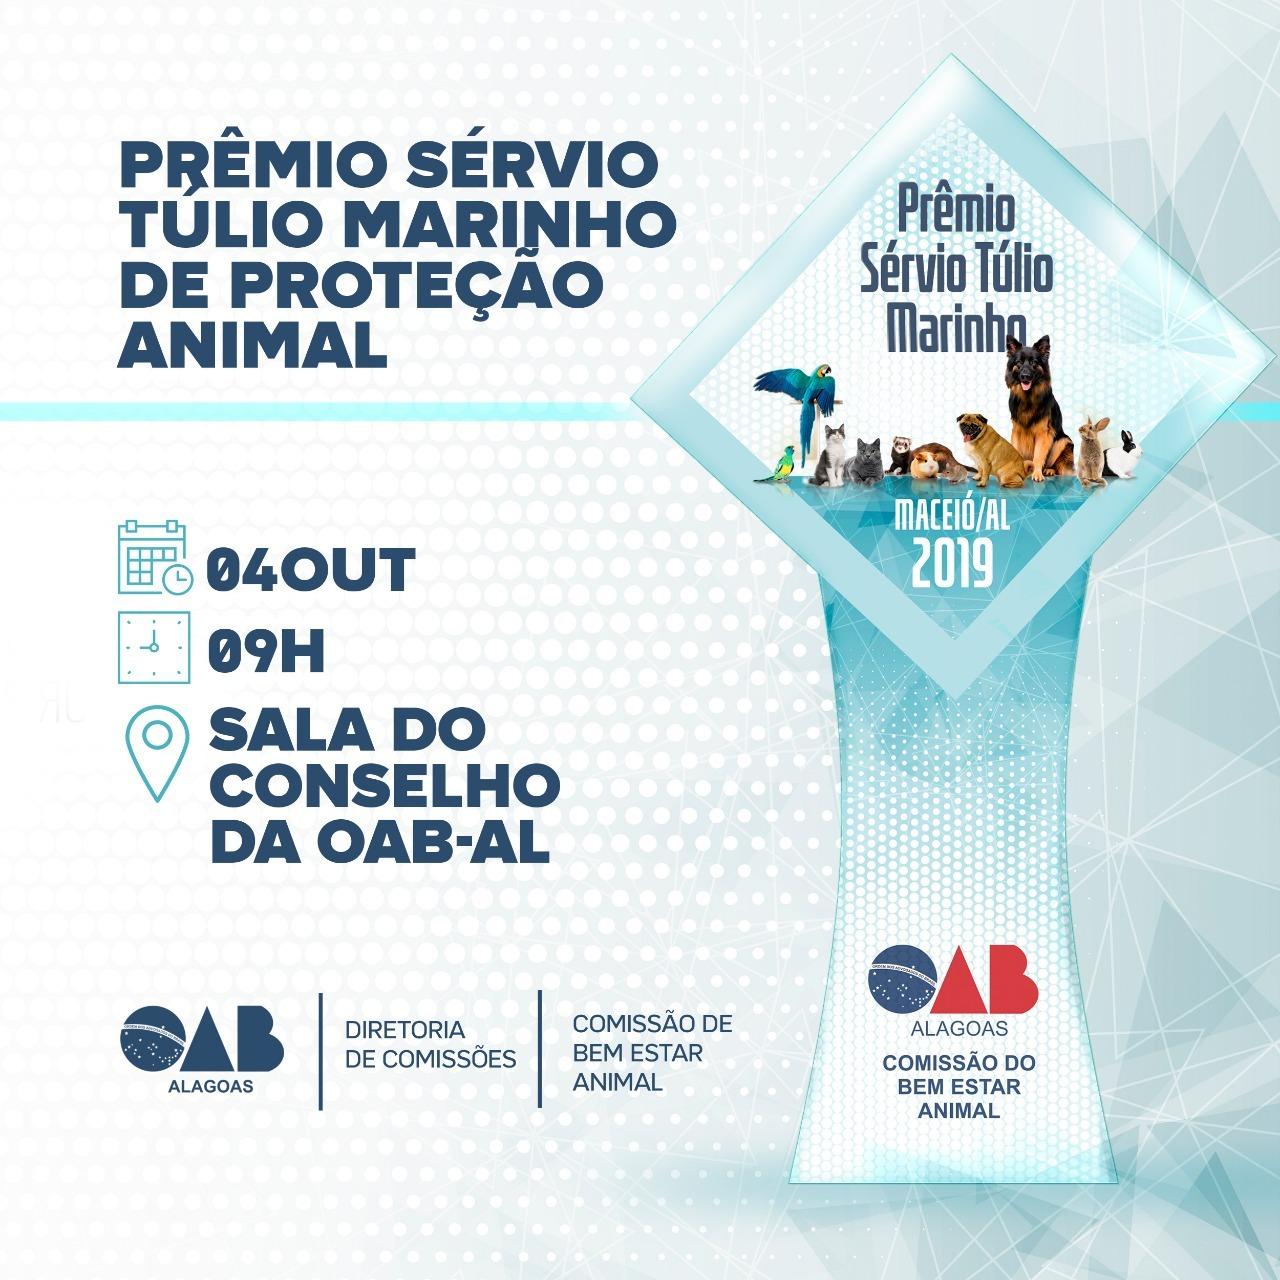 Davi Maia será primeiro politico alagoano a receber premiação da OAB/AL pela Causa Animal